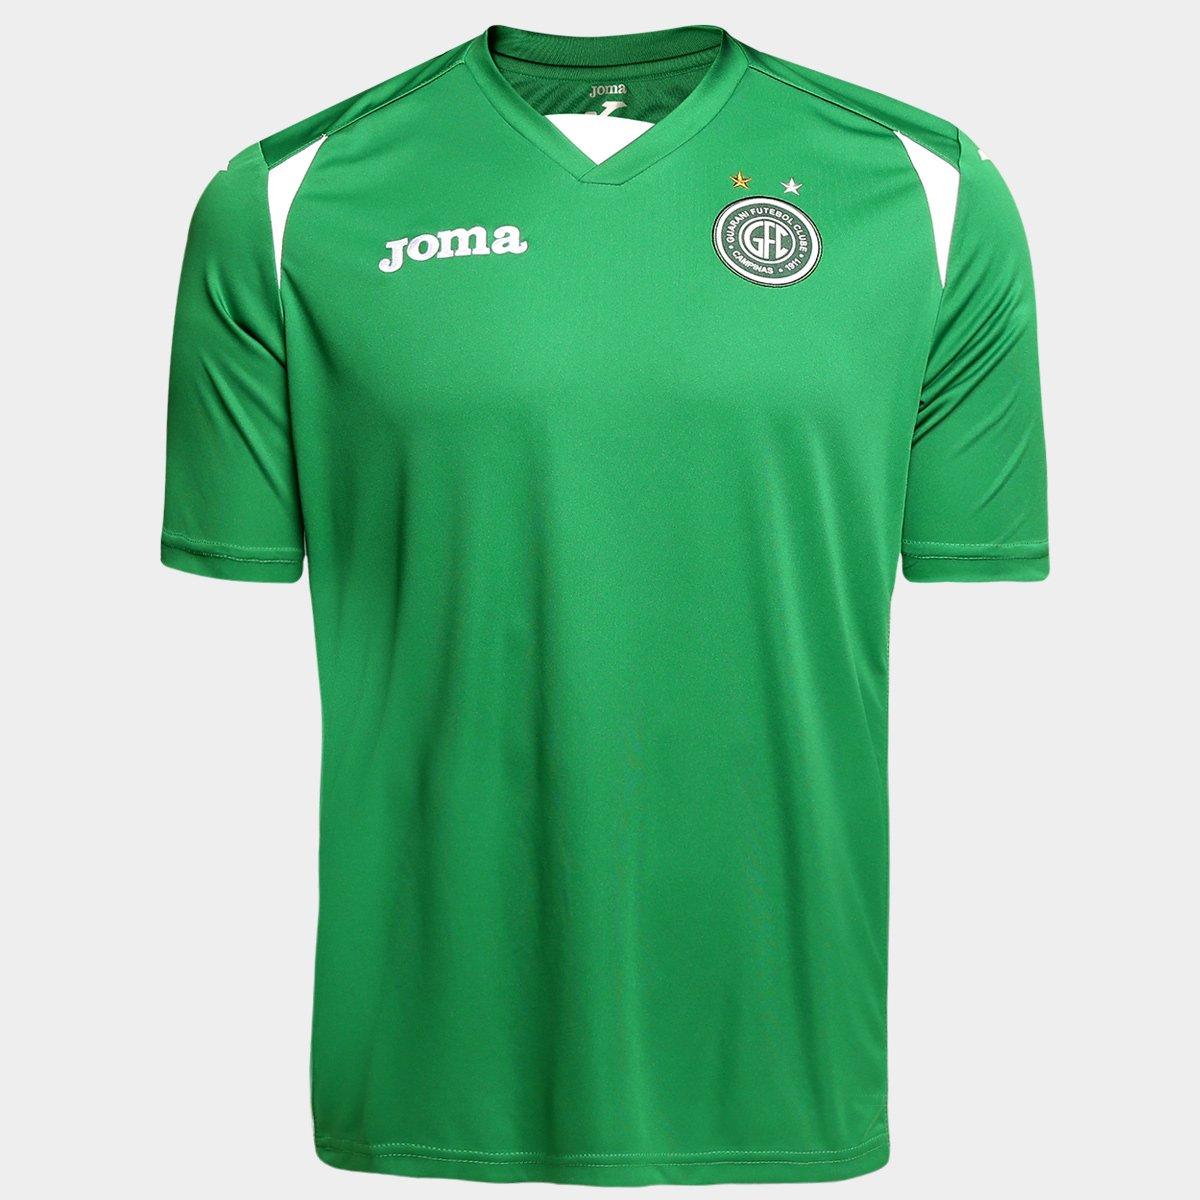 Camisa Guarani I 2015 s nº - Torcedor Joma Masculina - Compre Agora ... 00d37053d2b89